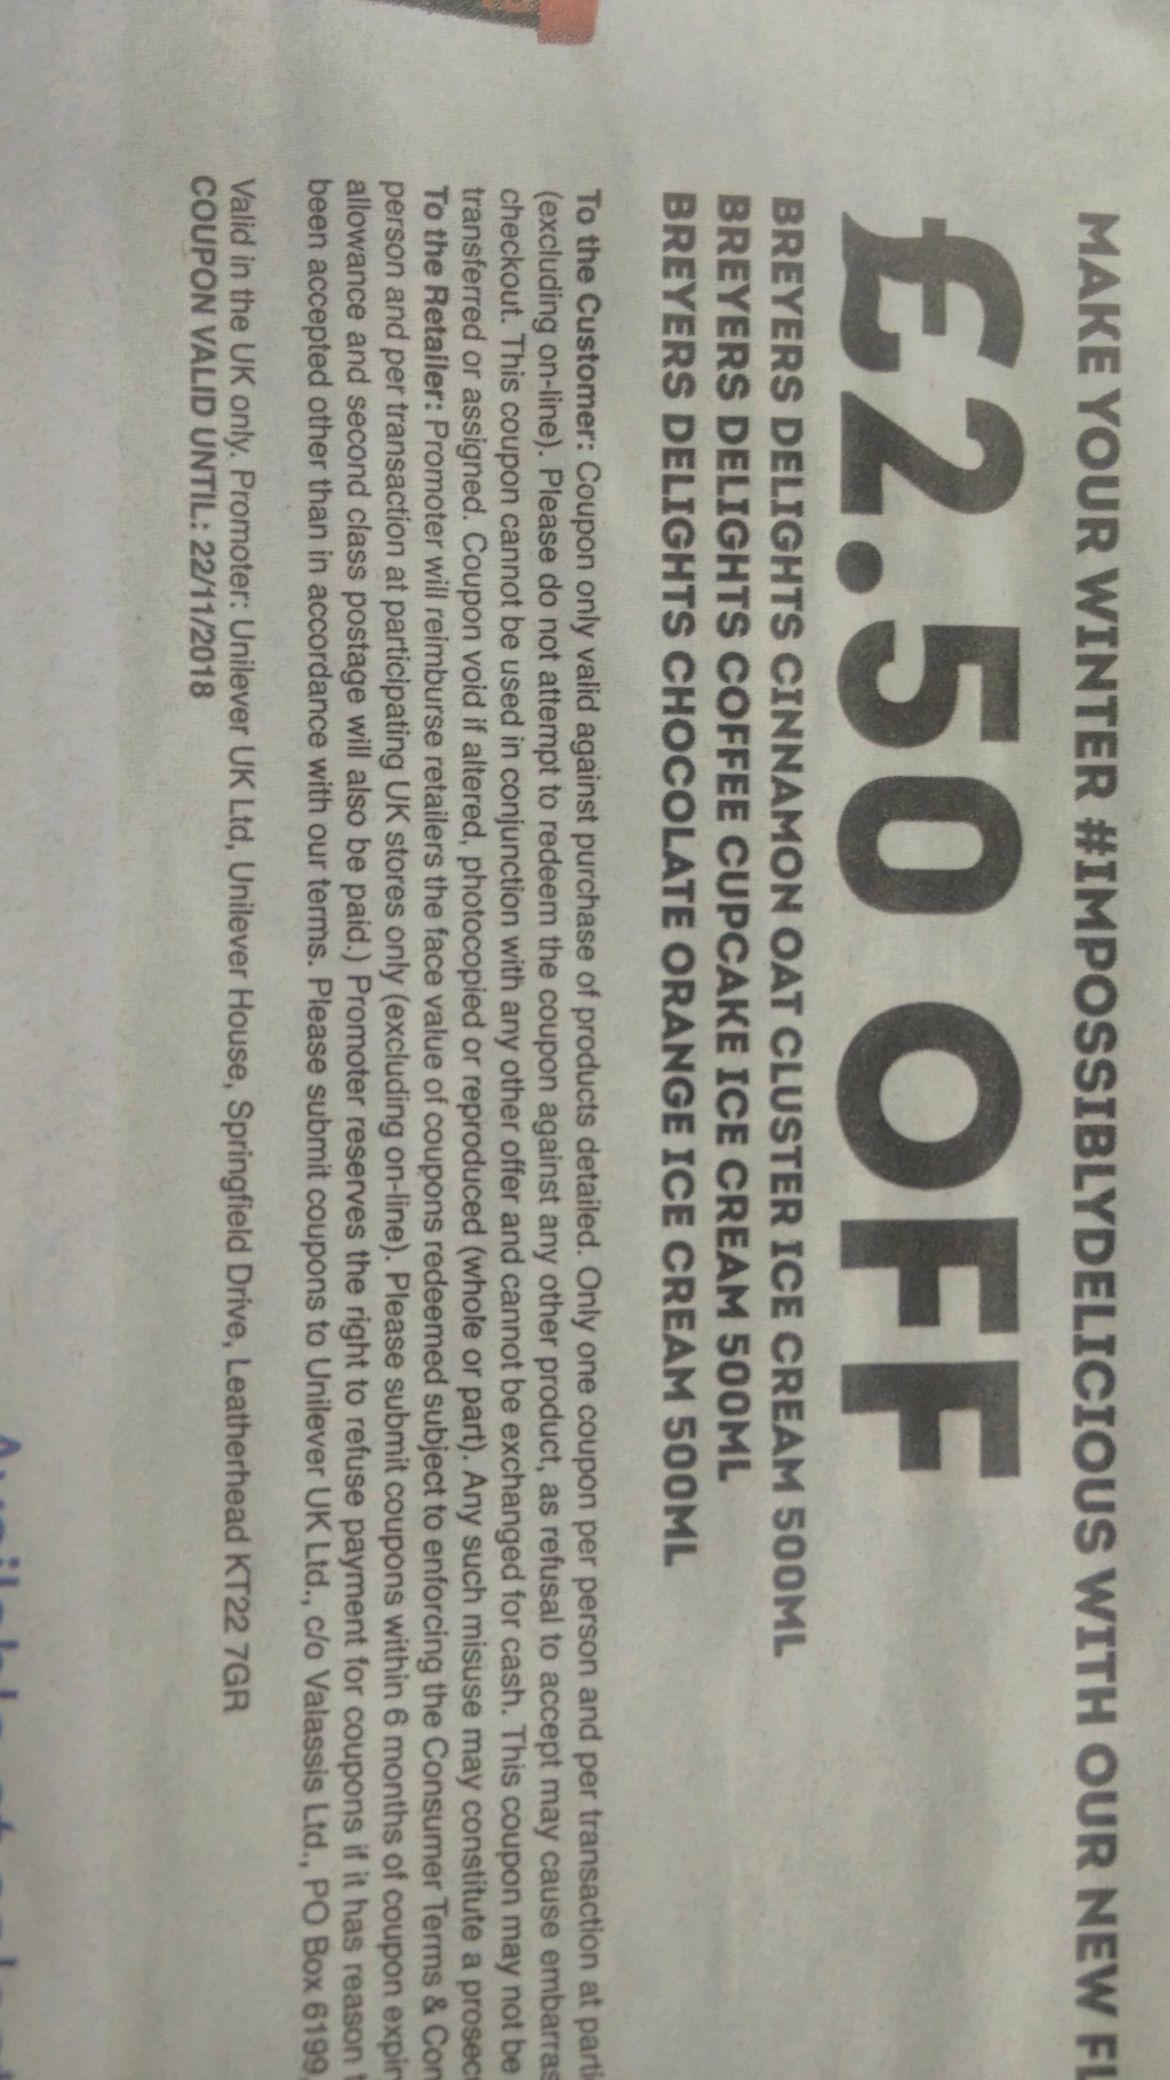 £2.50 off Breyers Delights ice cream at Tesco, voucher in Metro paper